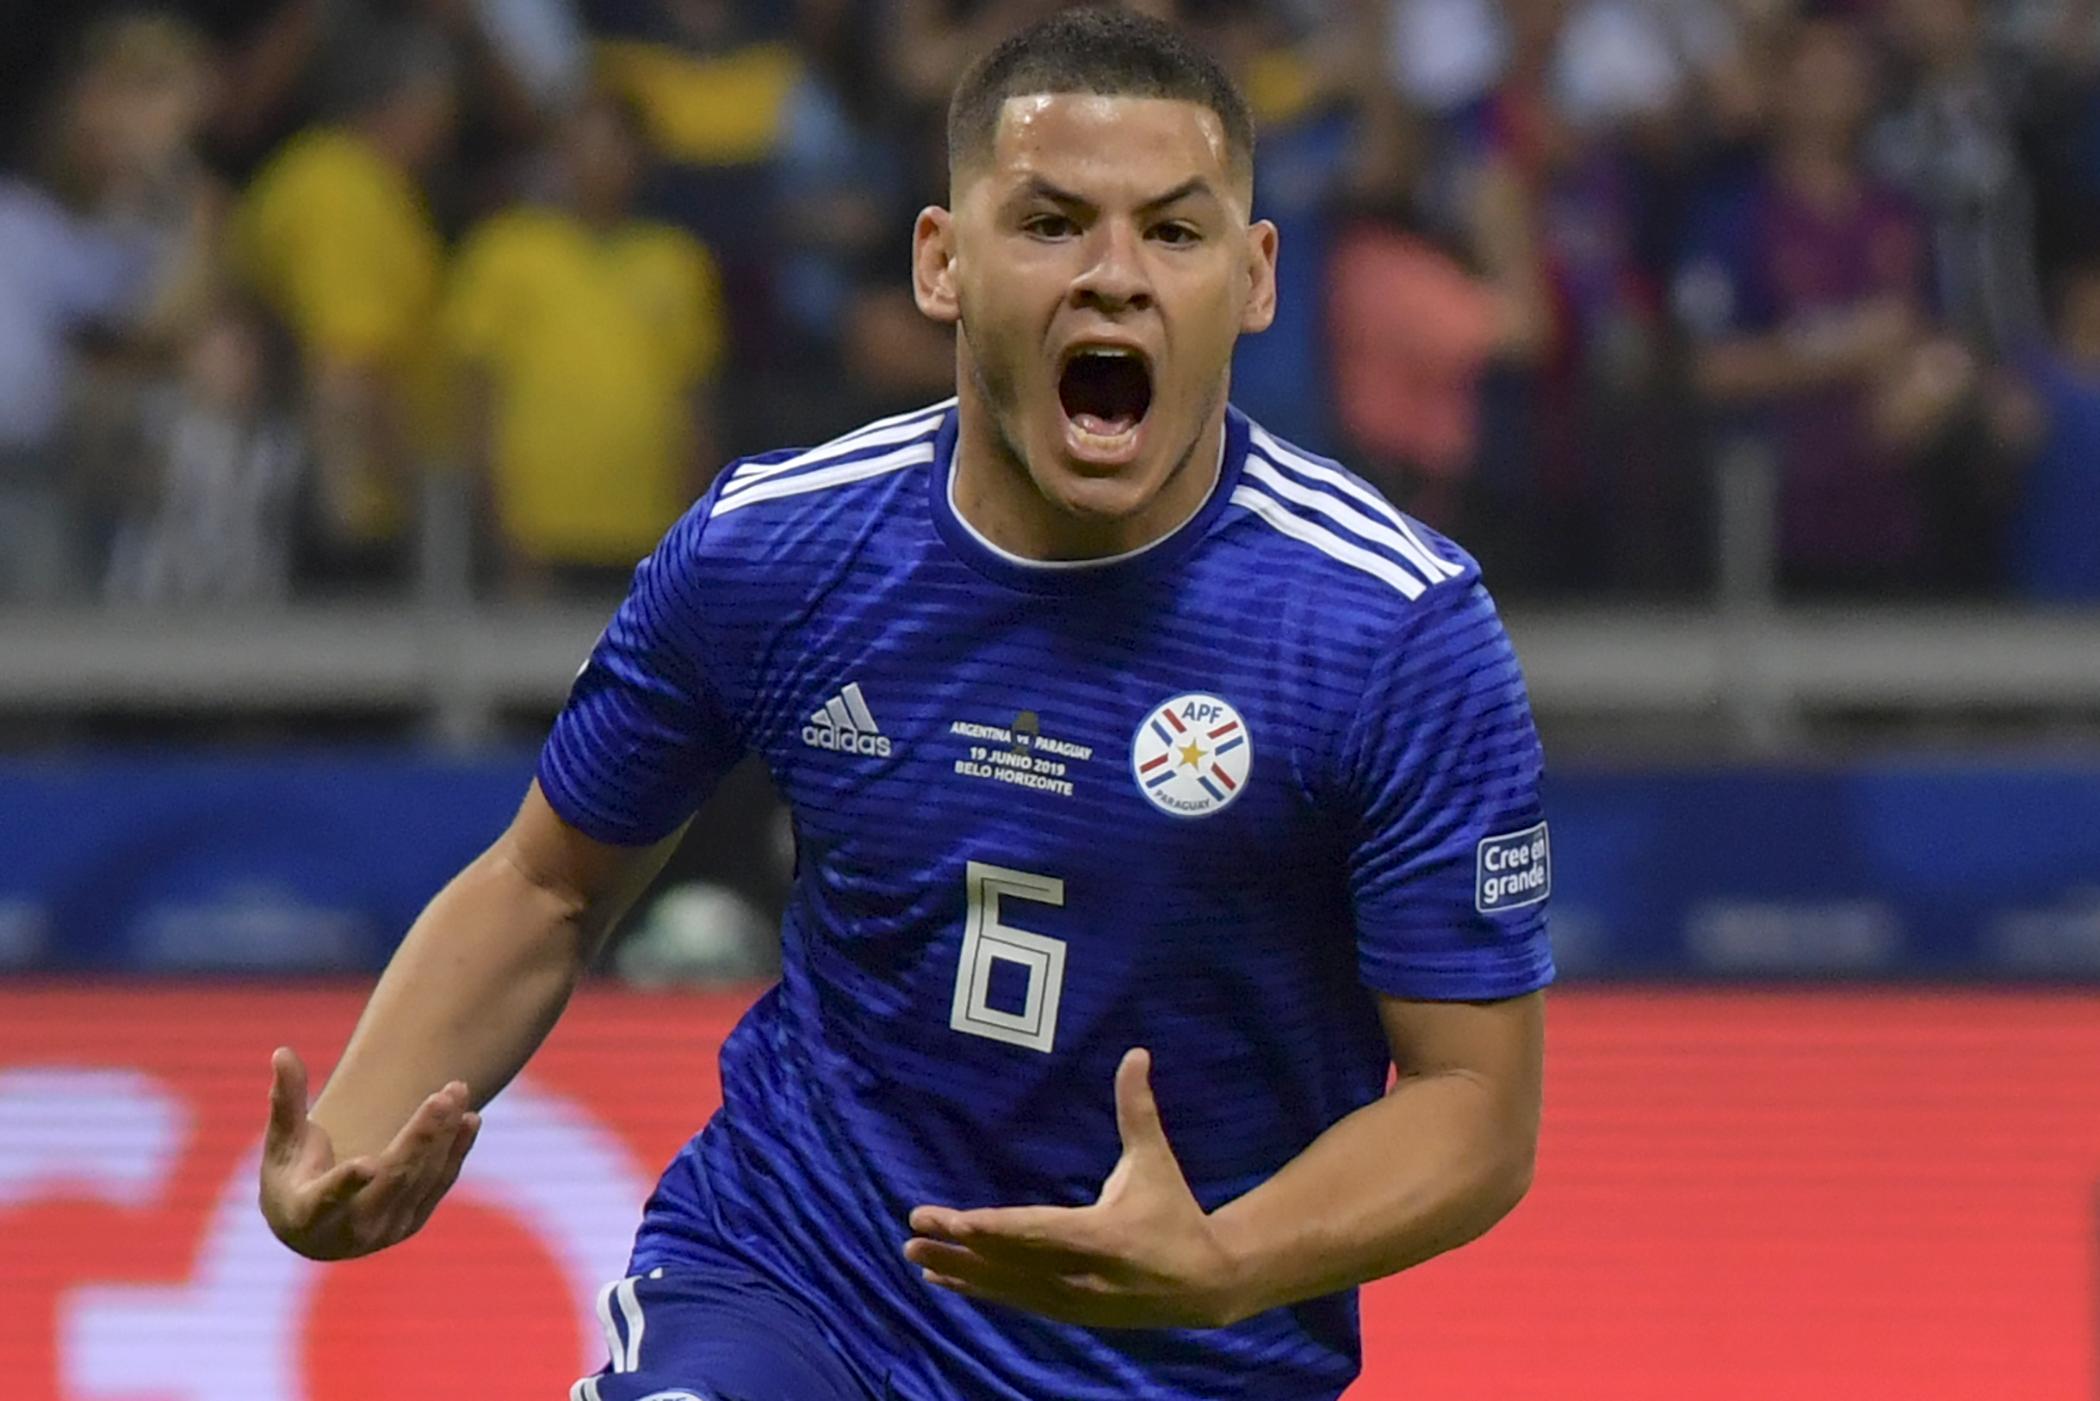 A MOL Fehérvár kifizetett volna 700 millió forintot egy paraguayi focista játékjogának feléért